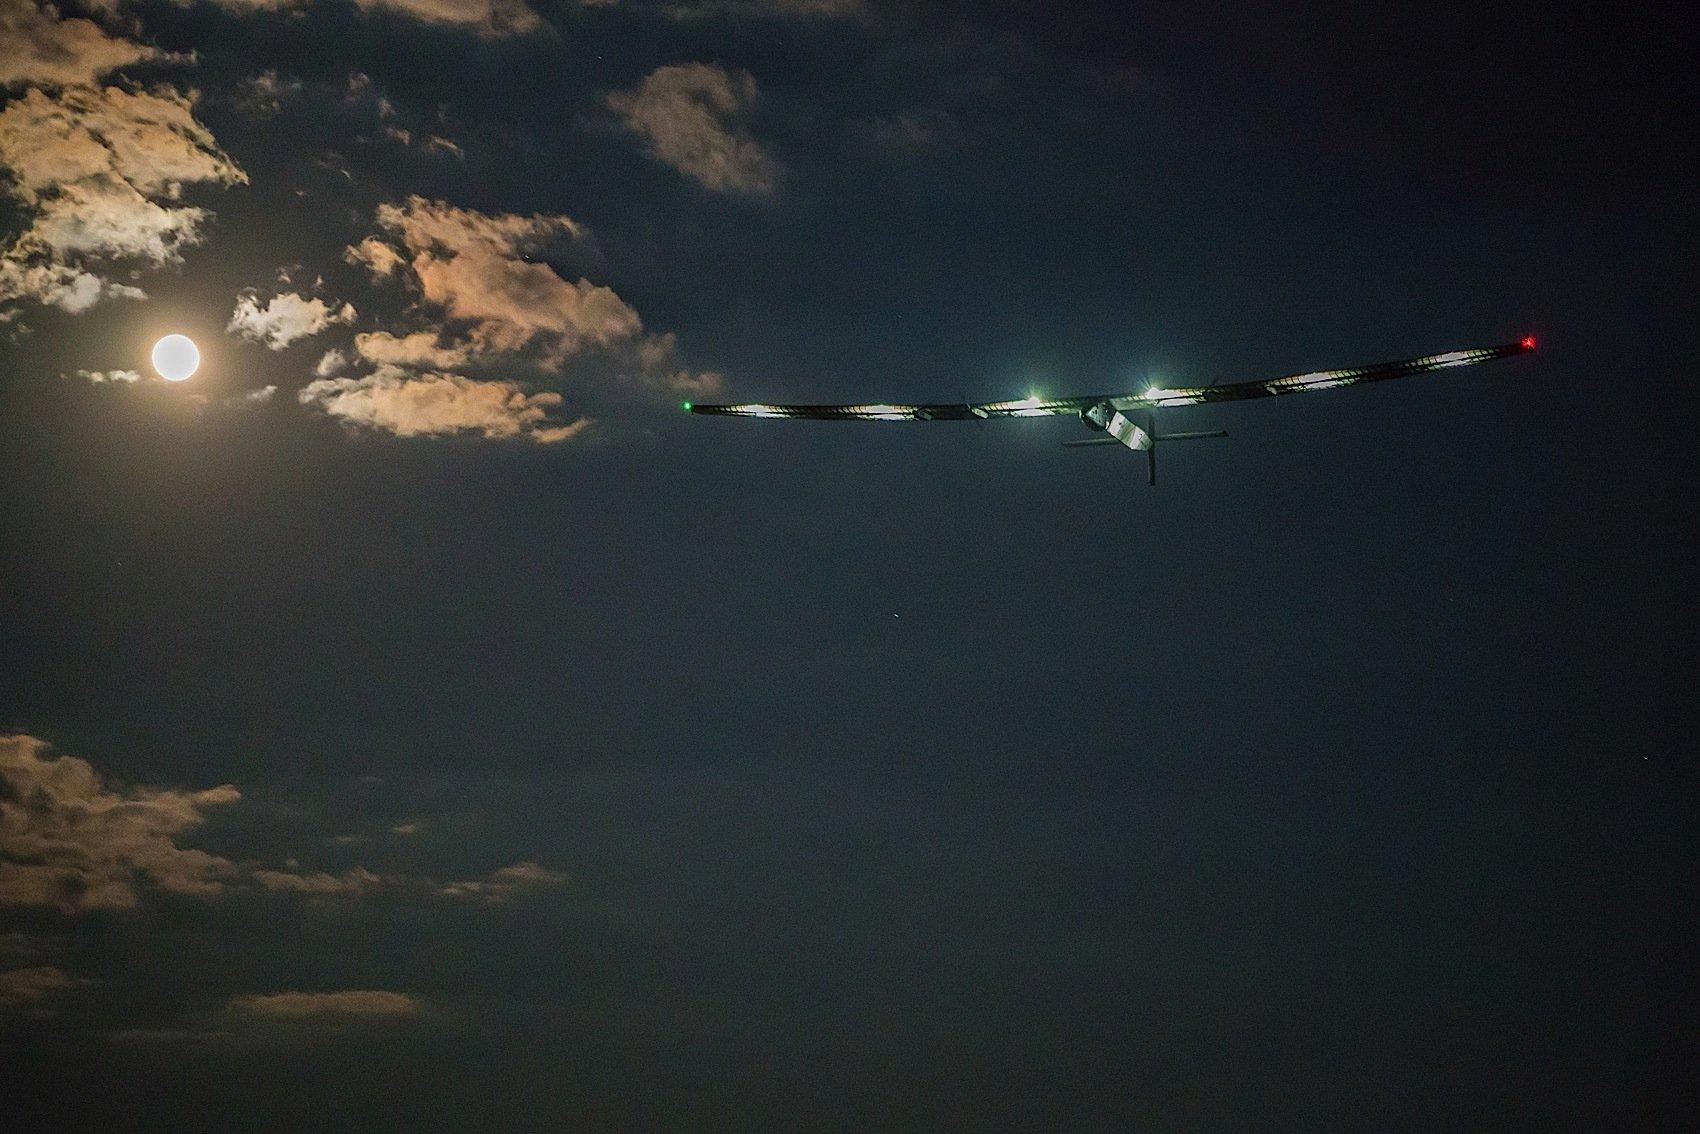 Die Solar Impulse ist nach drei Tagen Flug in Sevilla gelandet. Es war die erste Überquerung des Atlantiks mit einem Solarflugzeug.